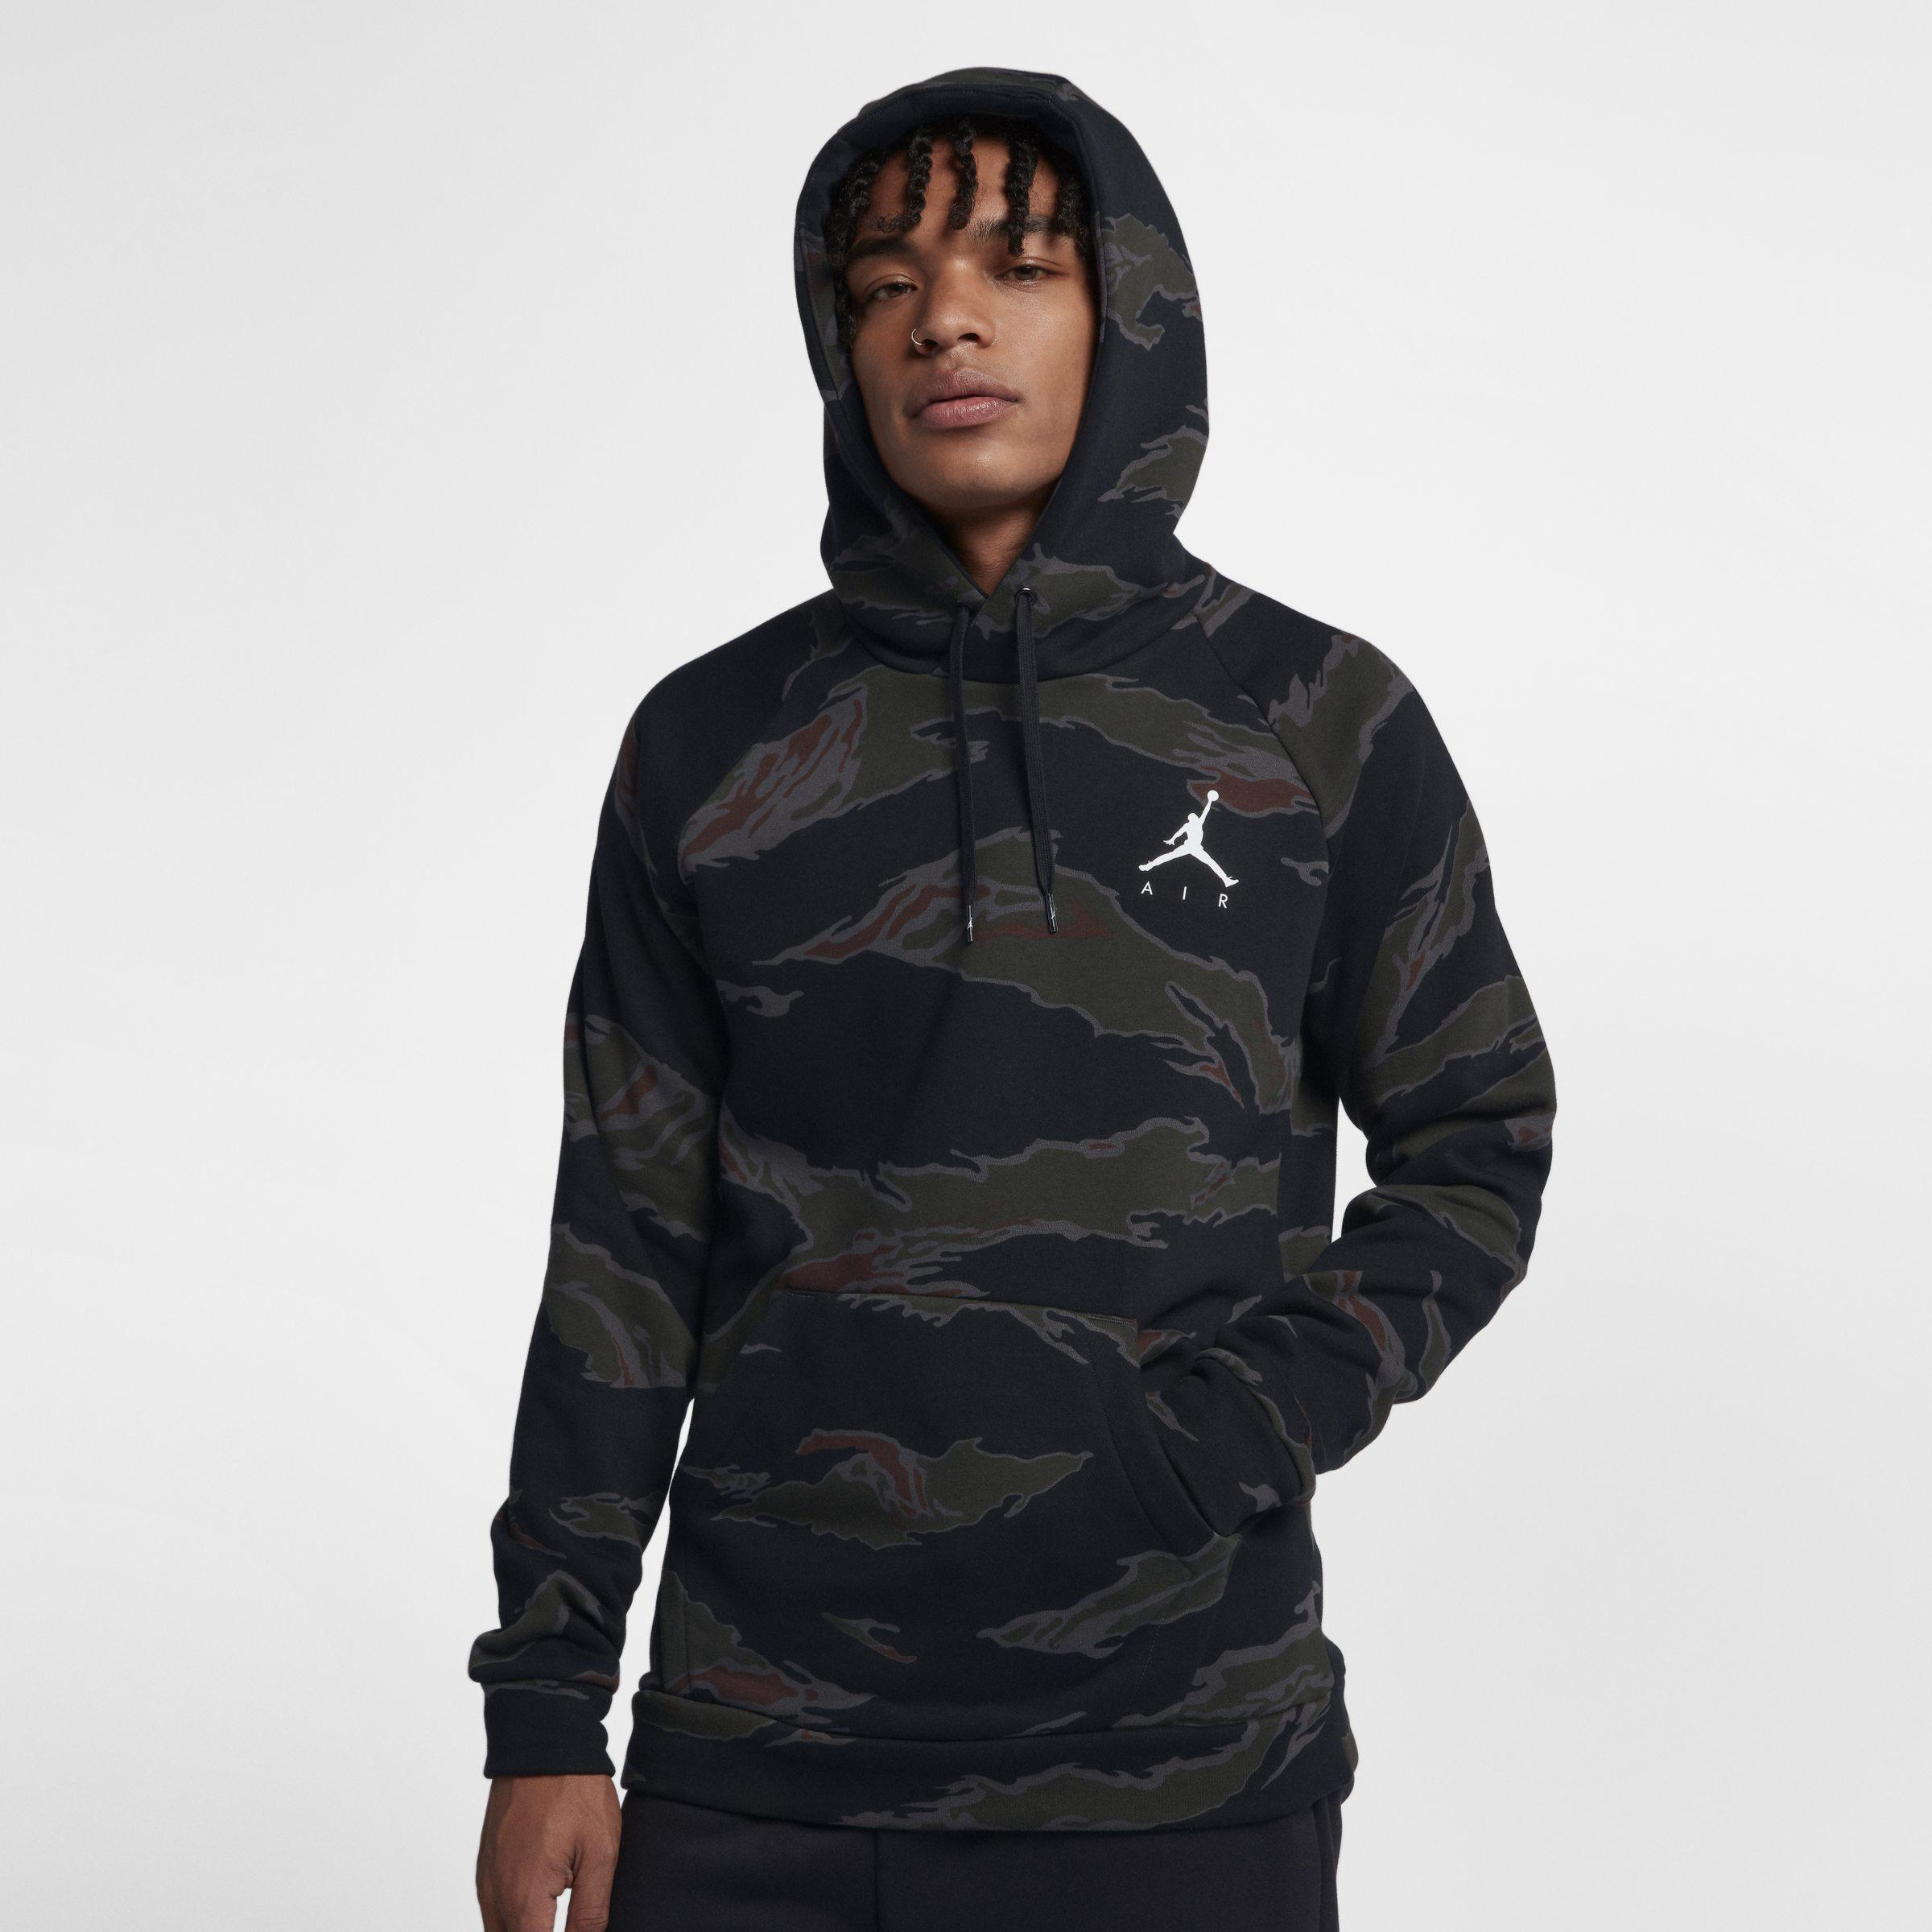 ca6457cb8c3396 Nike Jordan Sportswear Jumpman Camo Fleece Sweatshirt in Black for ...